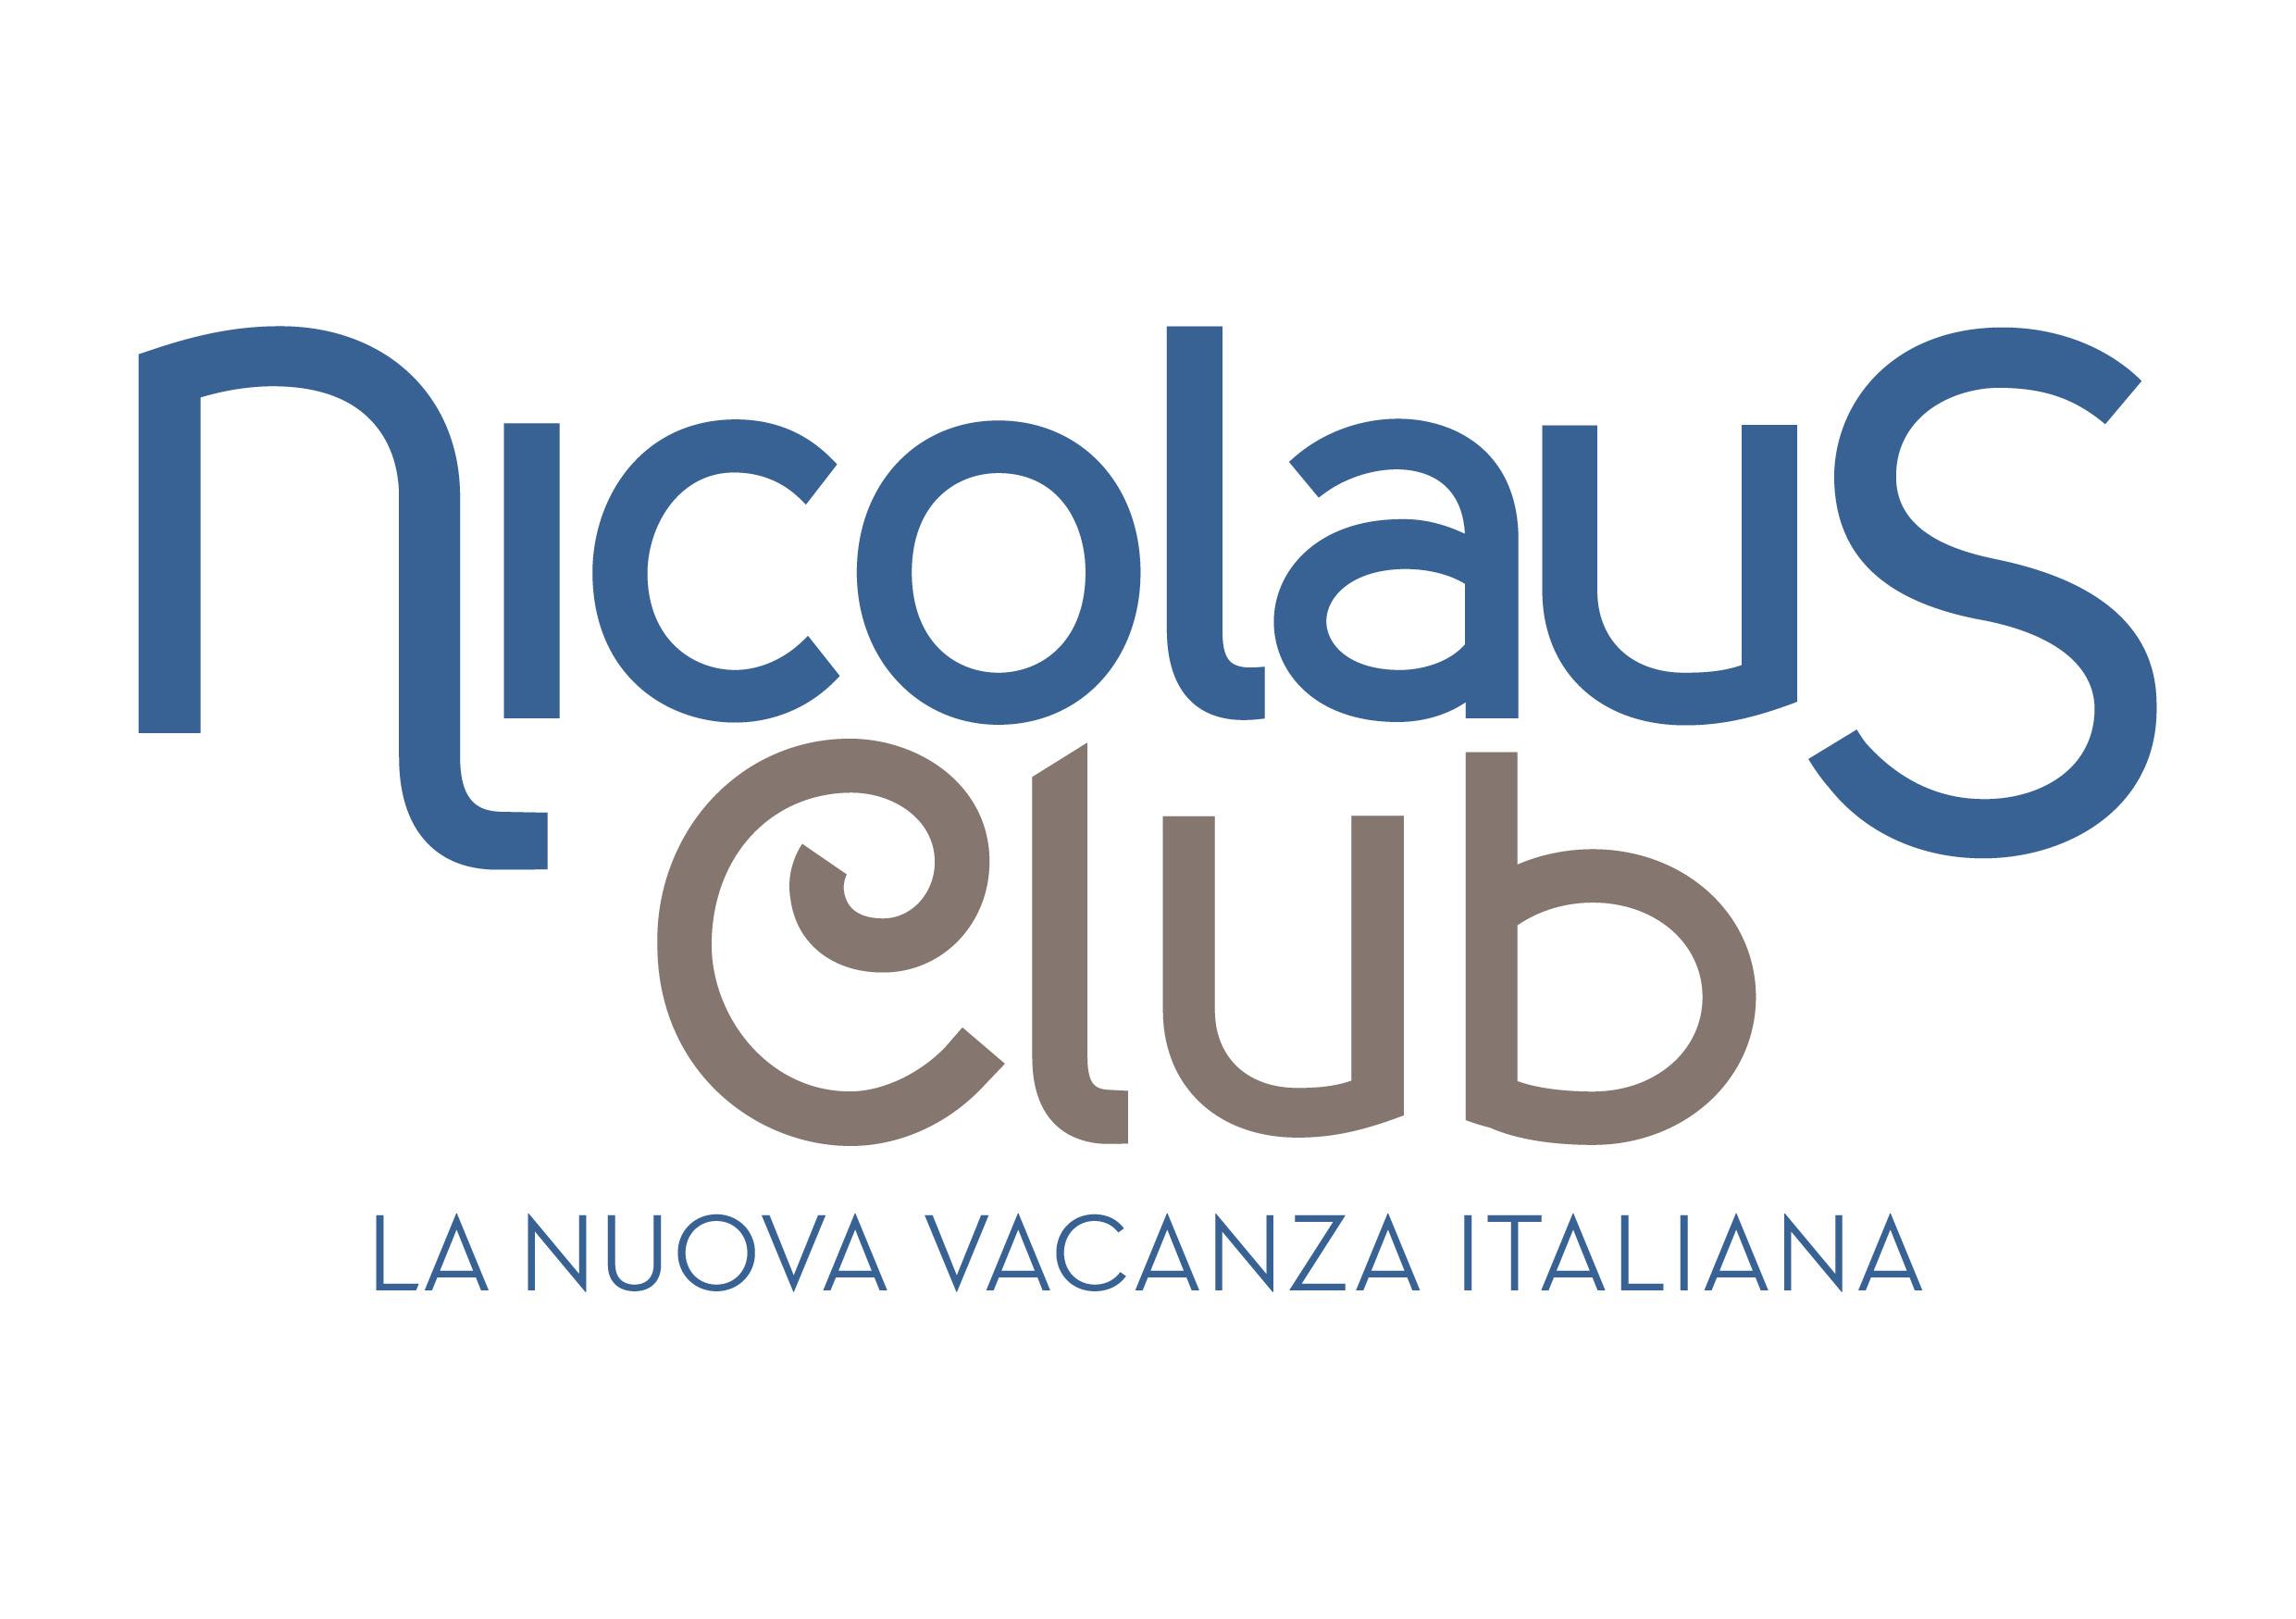 NICOLAUS CLUB jpg